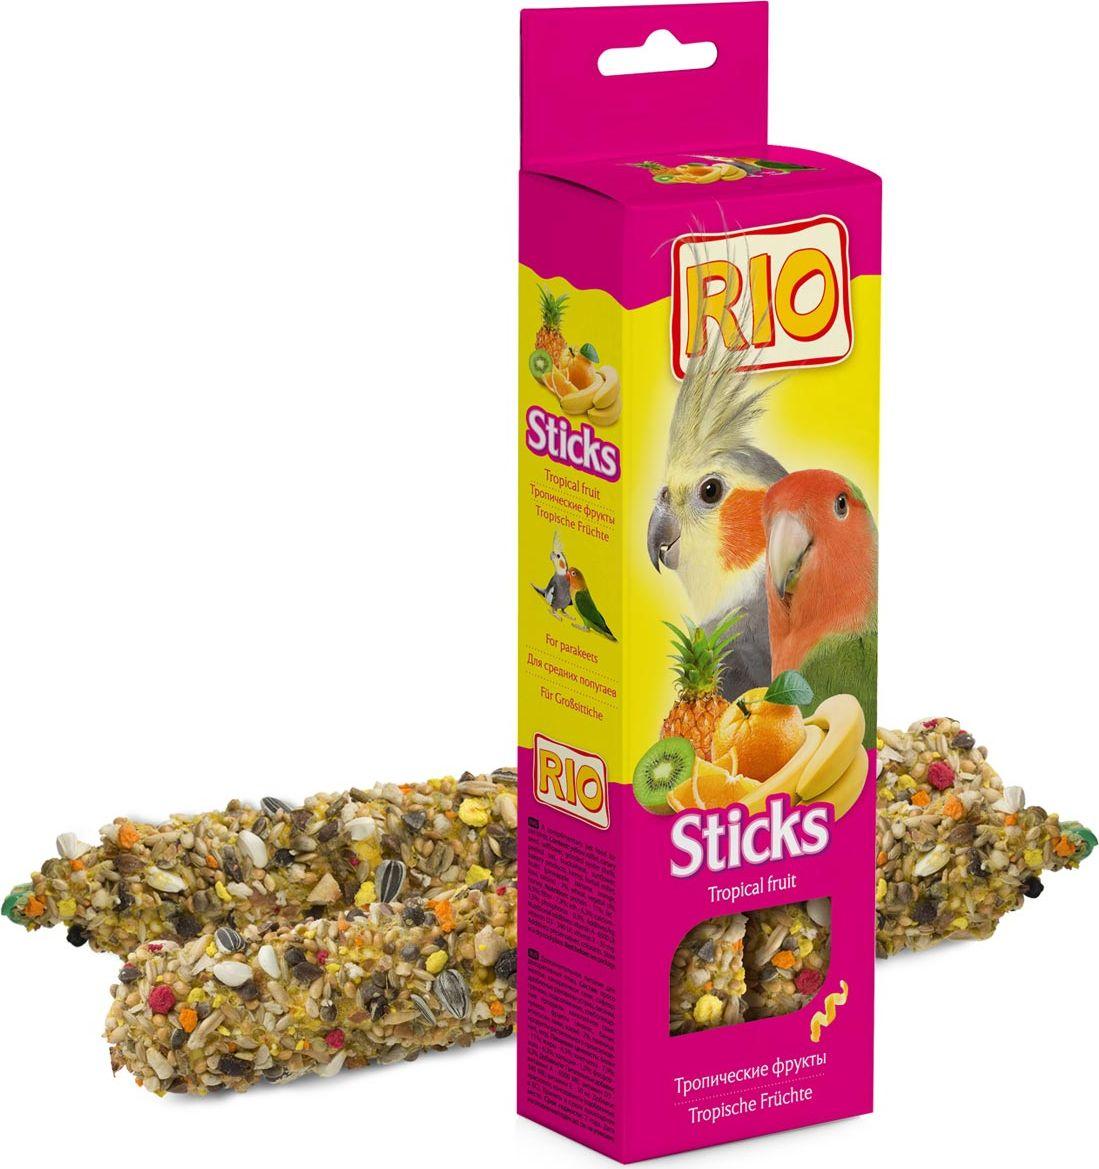 Палочки для средних попугаев Rio, с тропическими фруктами, 2 х 75 г56823Лакомство для средних попугаев с тропическими фруктами. Дополнительное питание для декоративных птиц.В процессе производства палочки запекаются в специальных печах особым способом. Это обеспечивает превосходный вкус и хрустящую консистенцию палочек. Каждая палочка содержит более 15 ингредиентов. Разнообразные семена, фрукты, орехи, мед и другие компоненты делают палочку особенно вкусной. С таким лакомством ваша птица проведет время активно и весело.Товар сертифицирован.